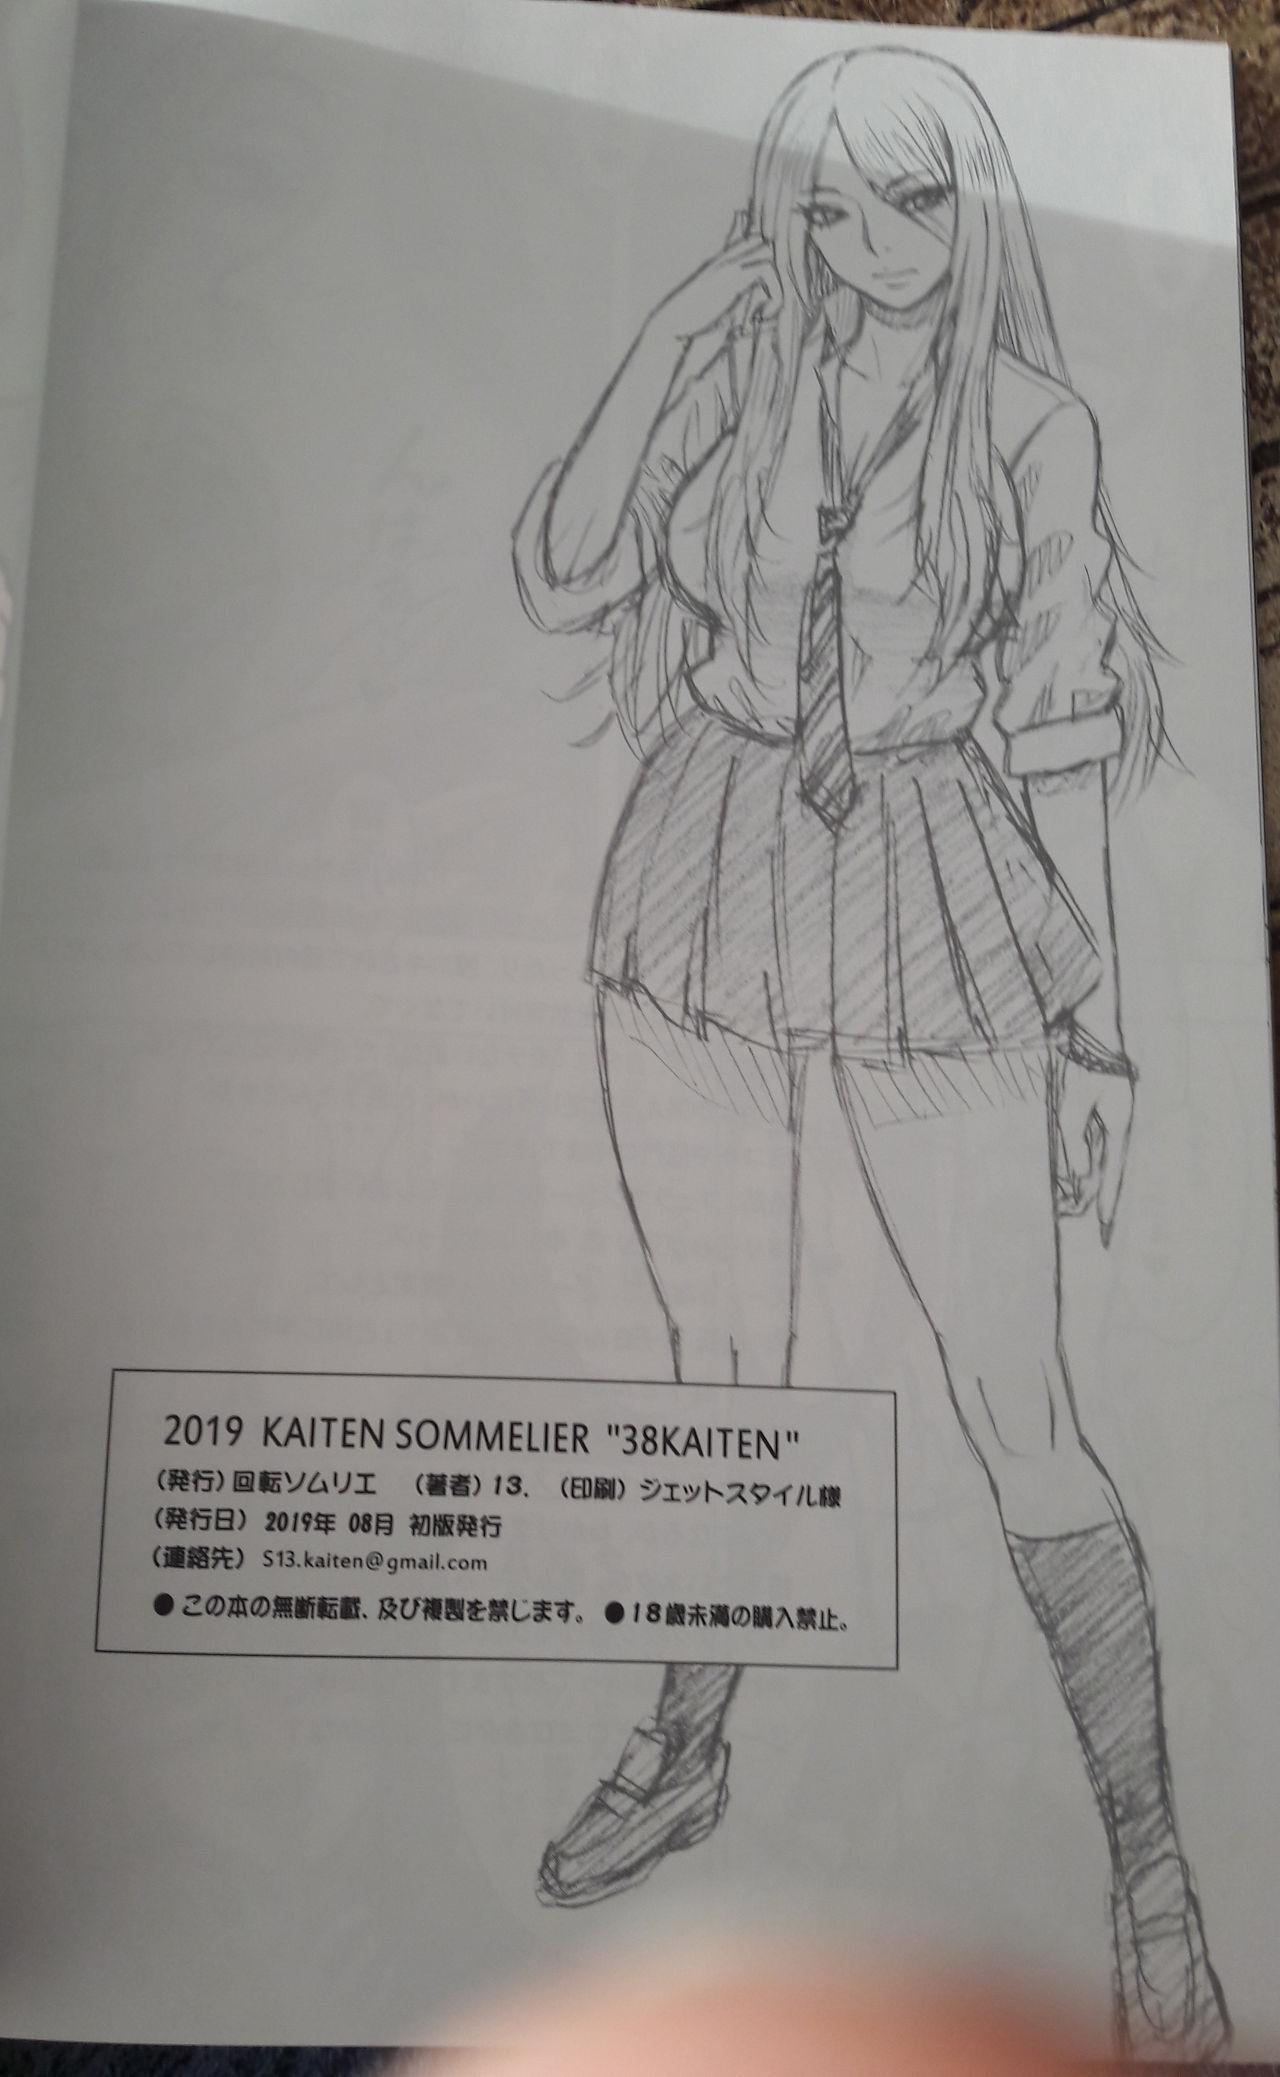 38 Kaiten Yume de Higashi ni, Utsutsu de Nishi ni. 15